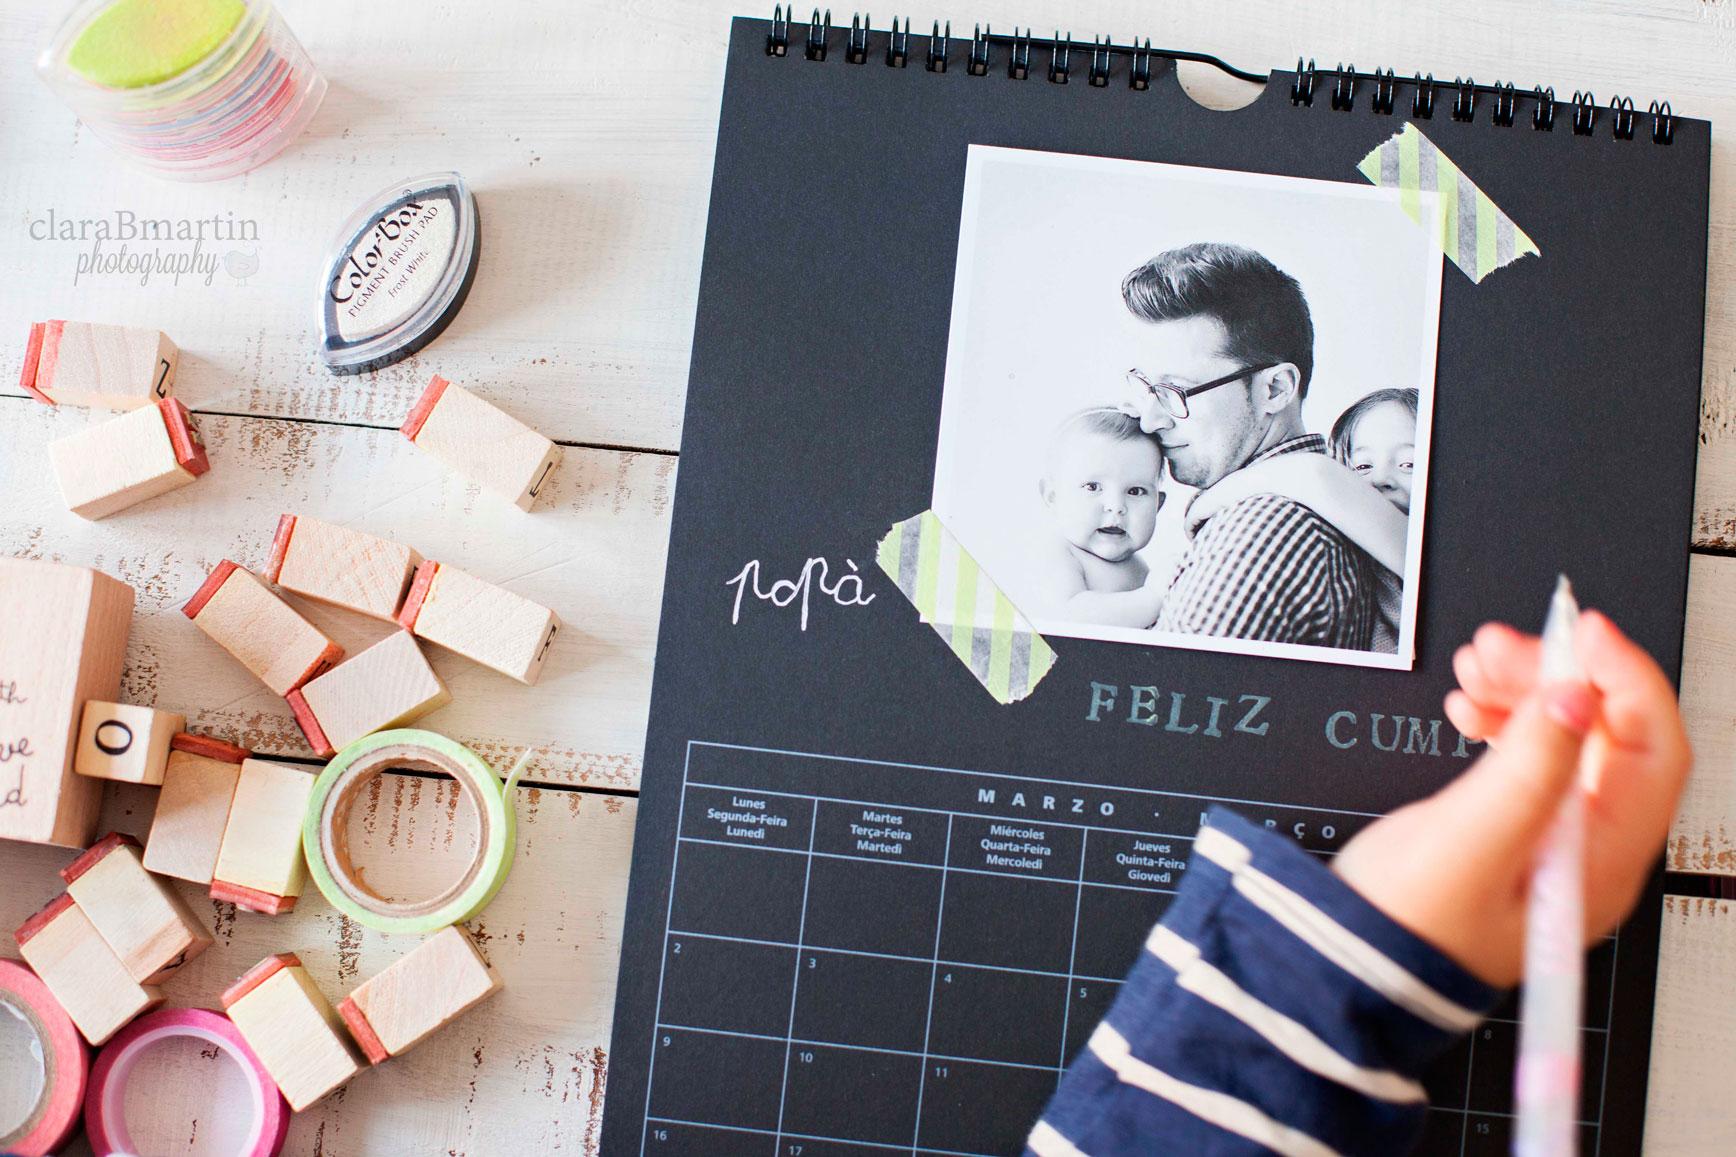 Calendario-DIY_claraBmartin04